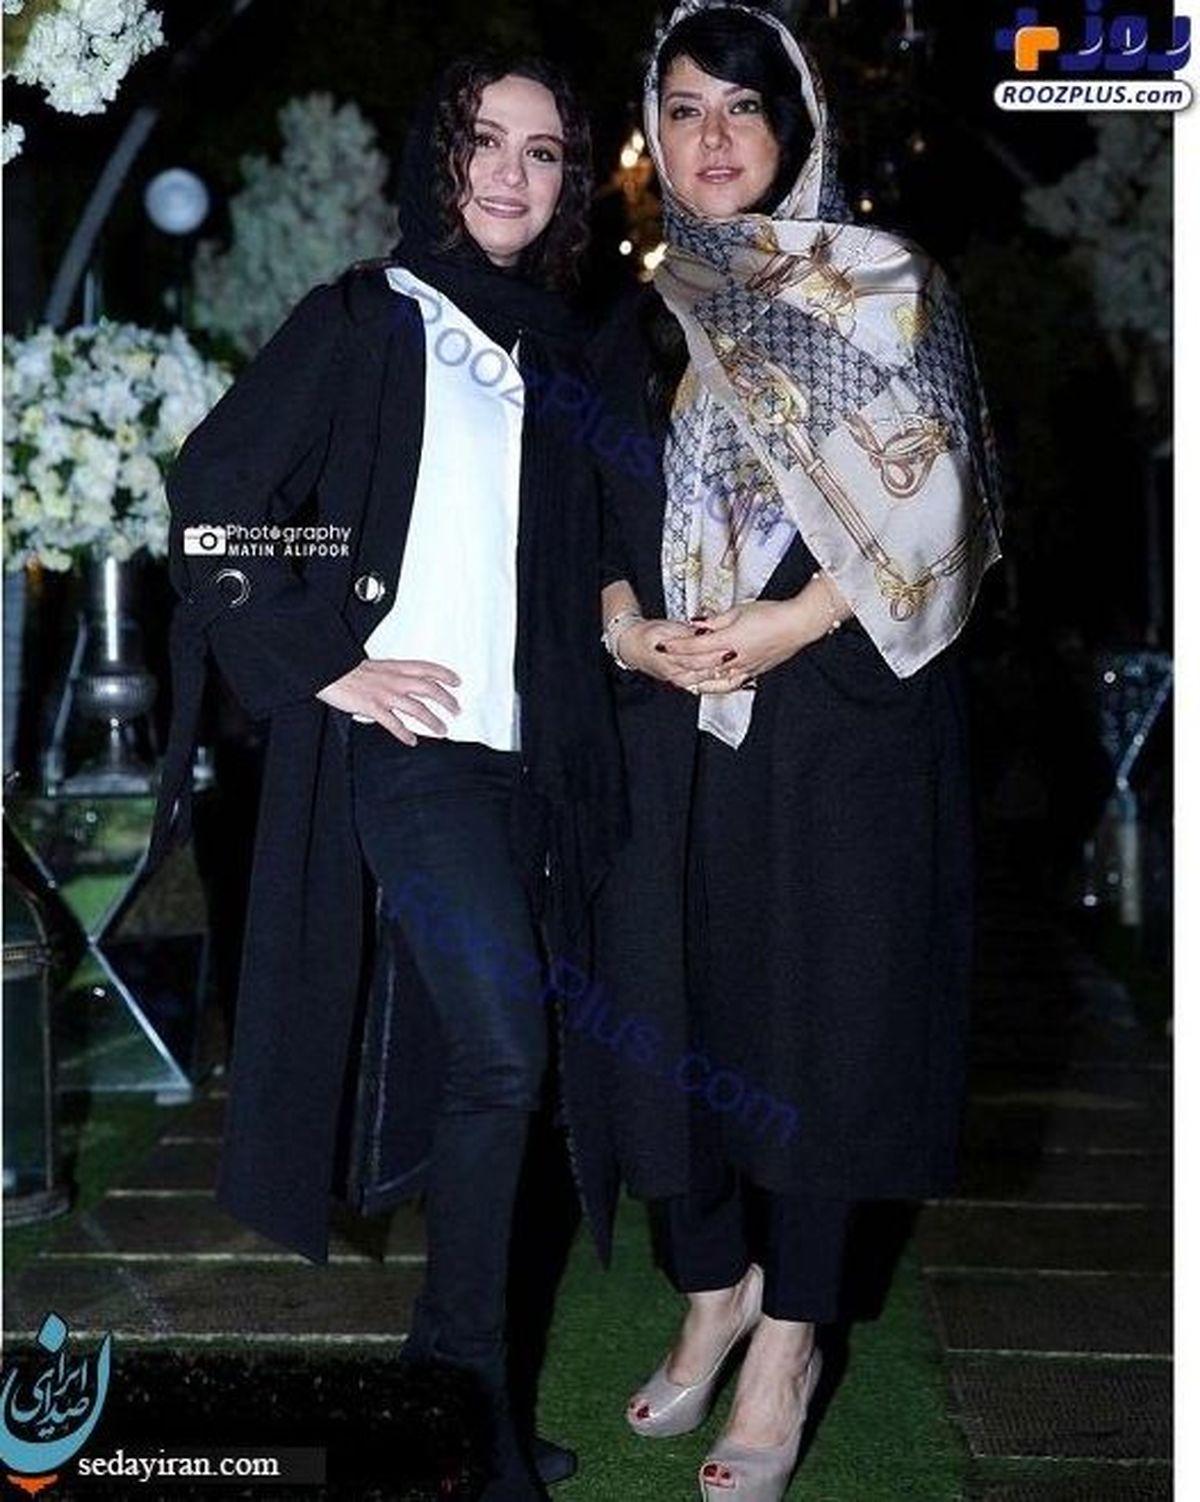 وقتی همسر شهاب حسینی موهای خود را مش می کند/ ماجرای دوستی پرحاشیه همسر شهاب حسینی + عکس